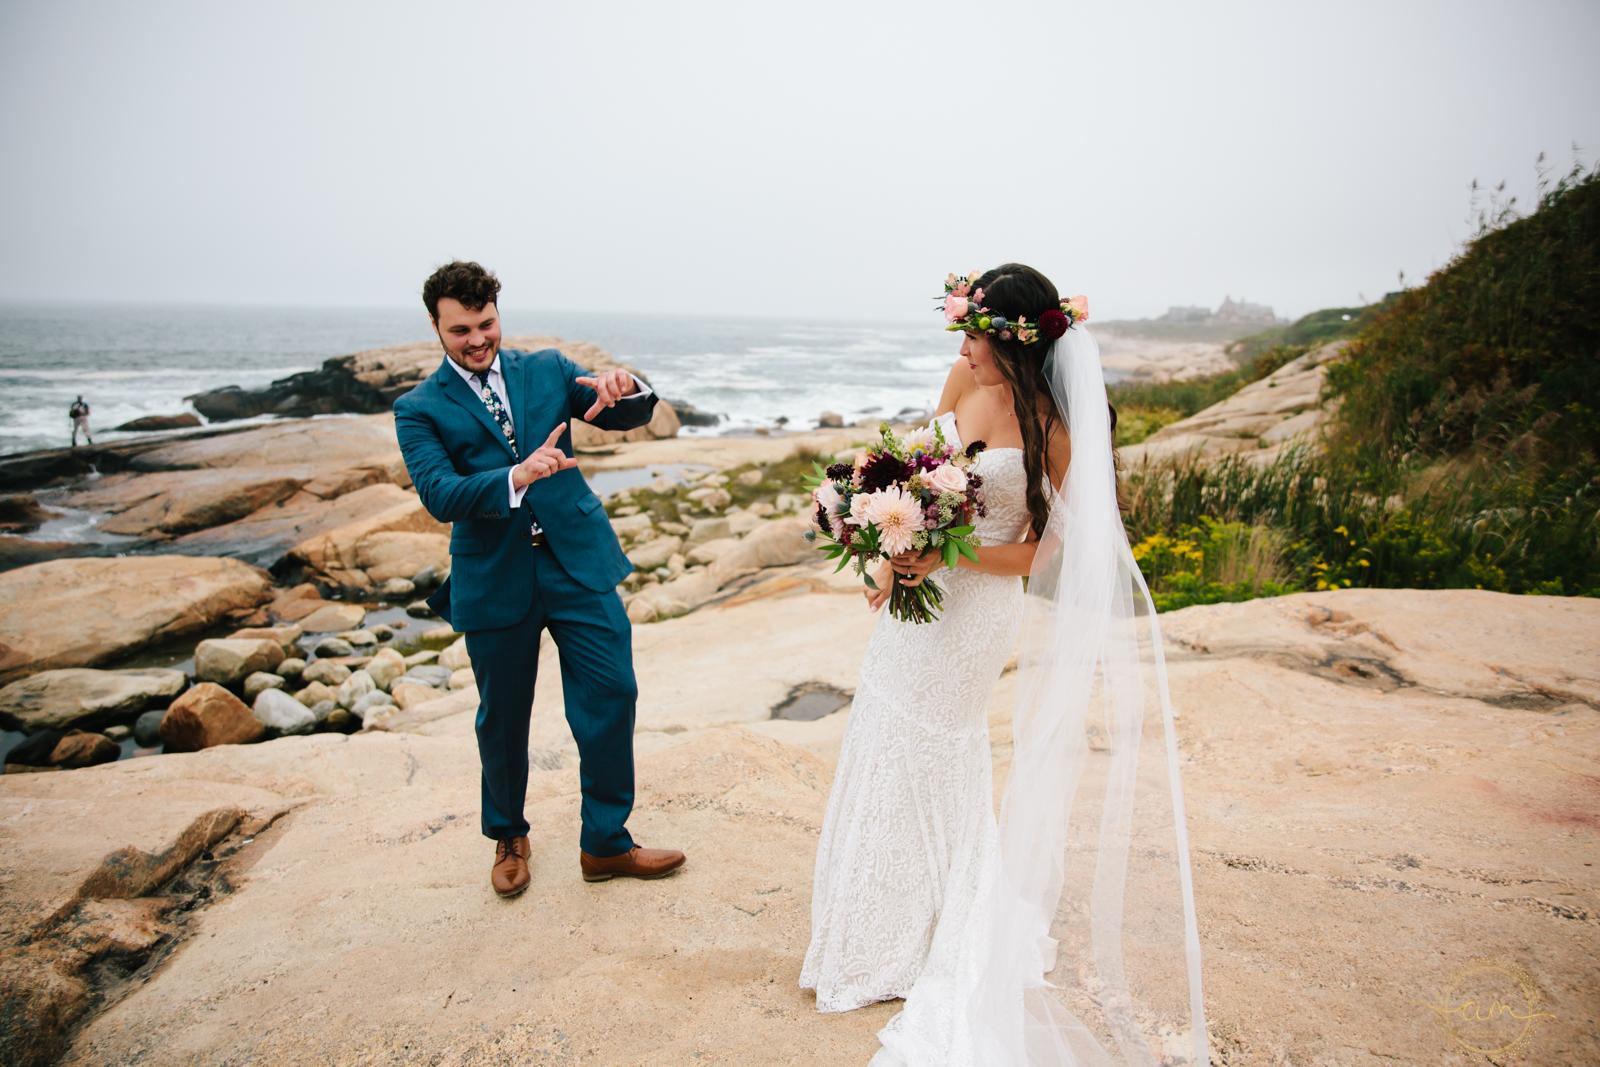 Narragansett-RI-Beach-Wedding-Amanda-Morgan-26.jpg